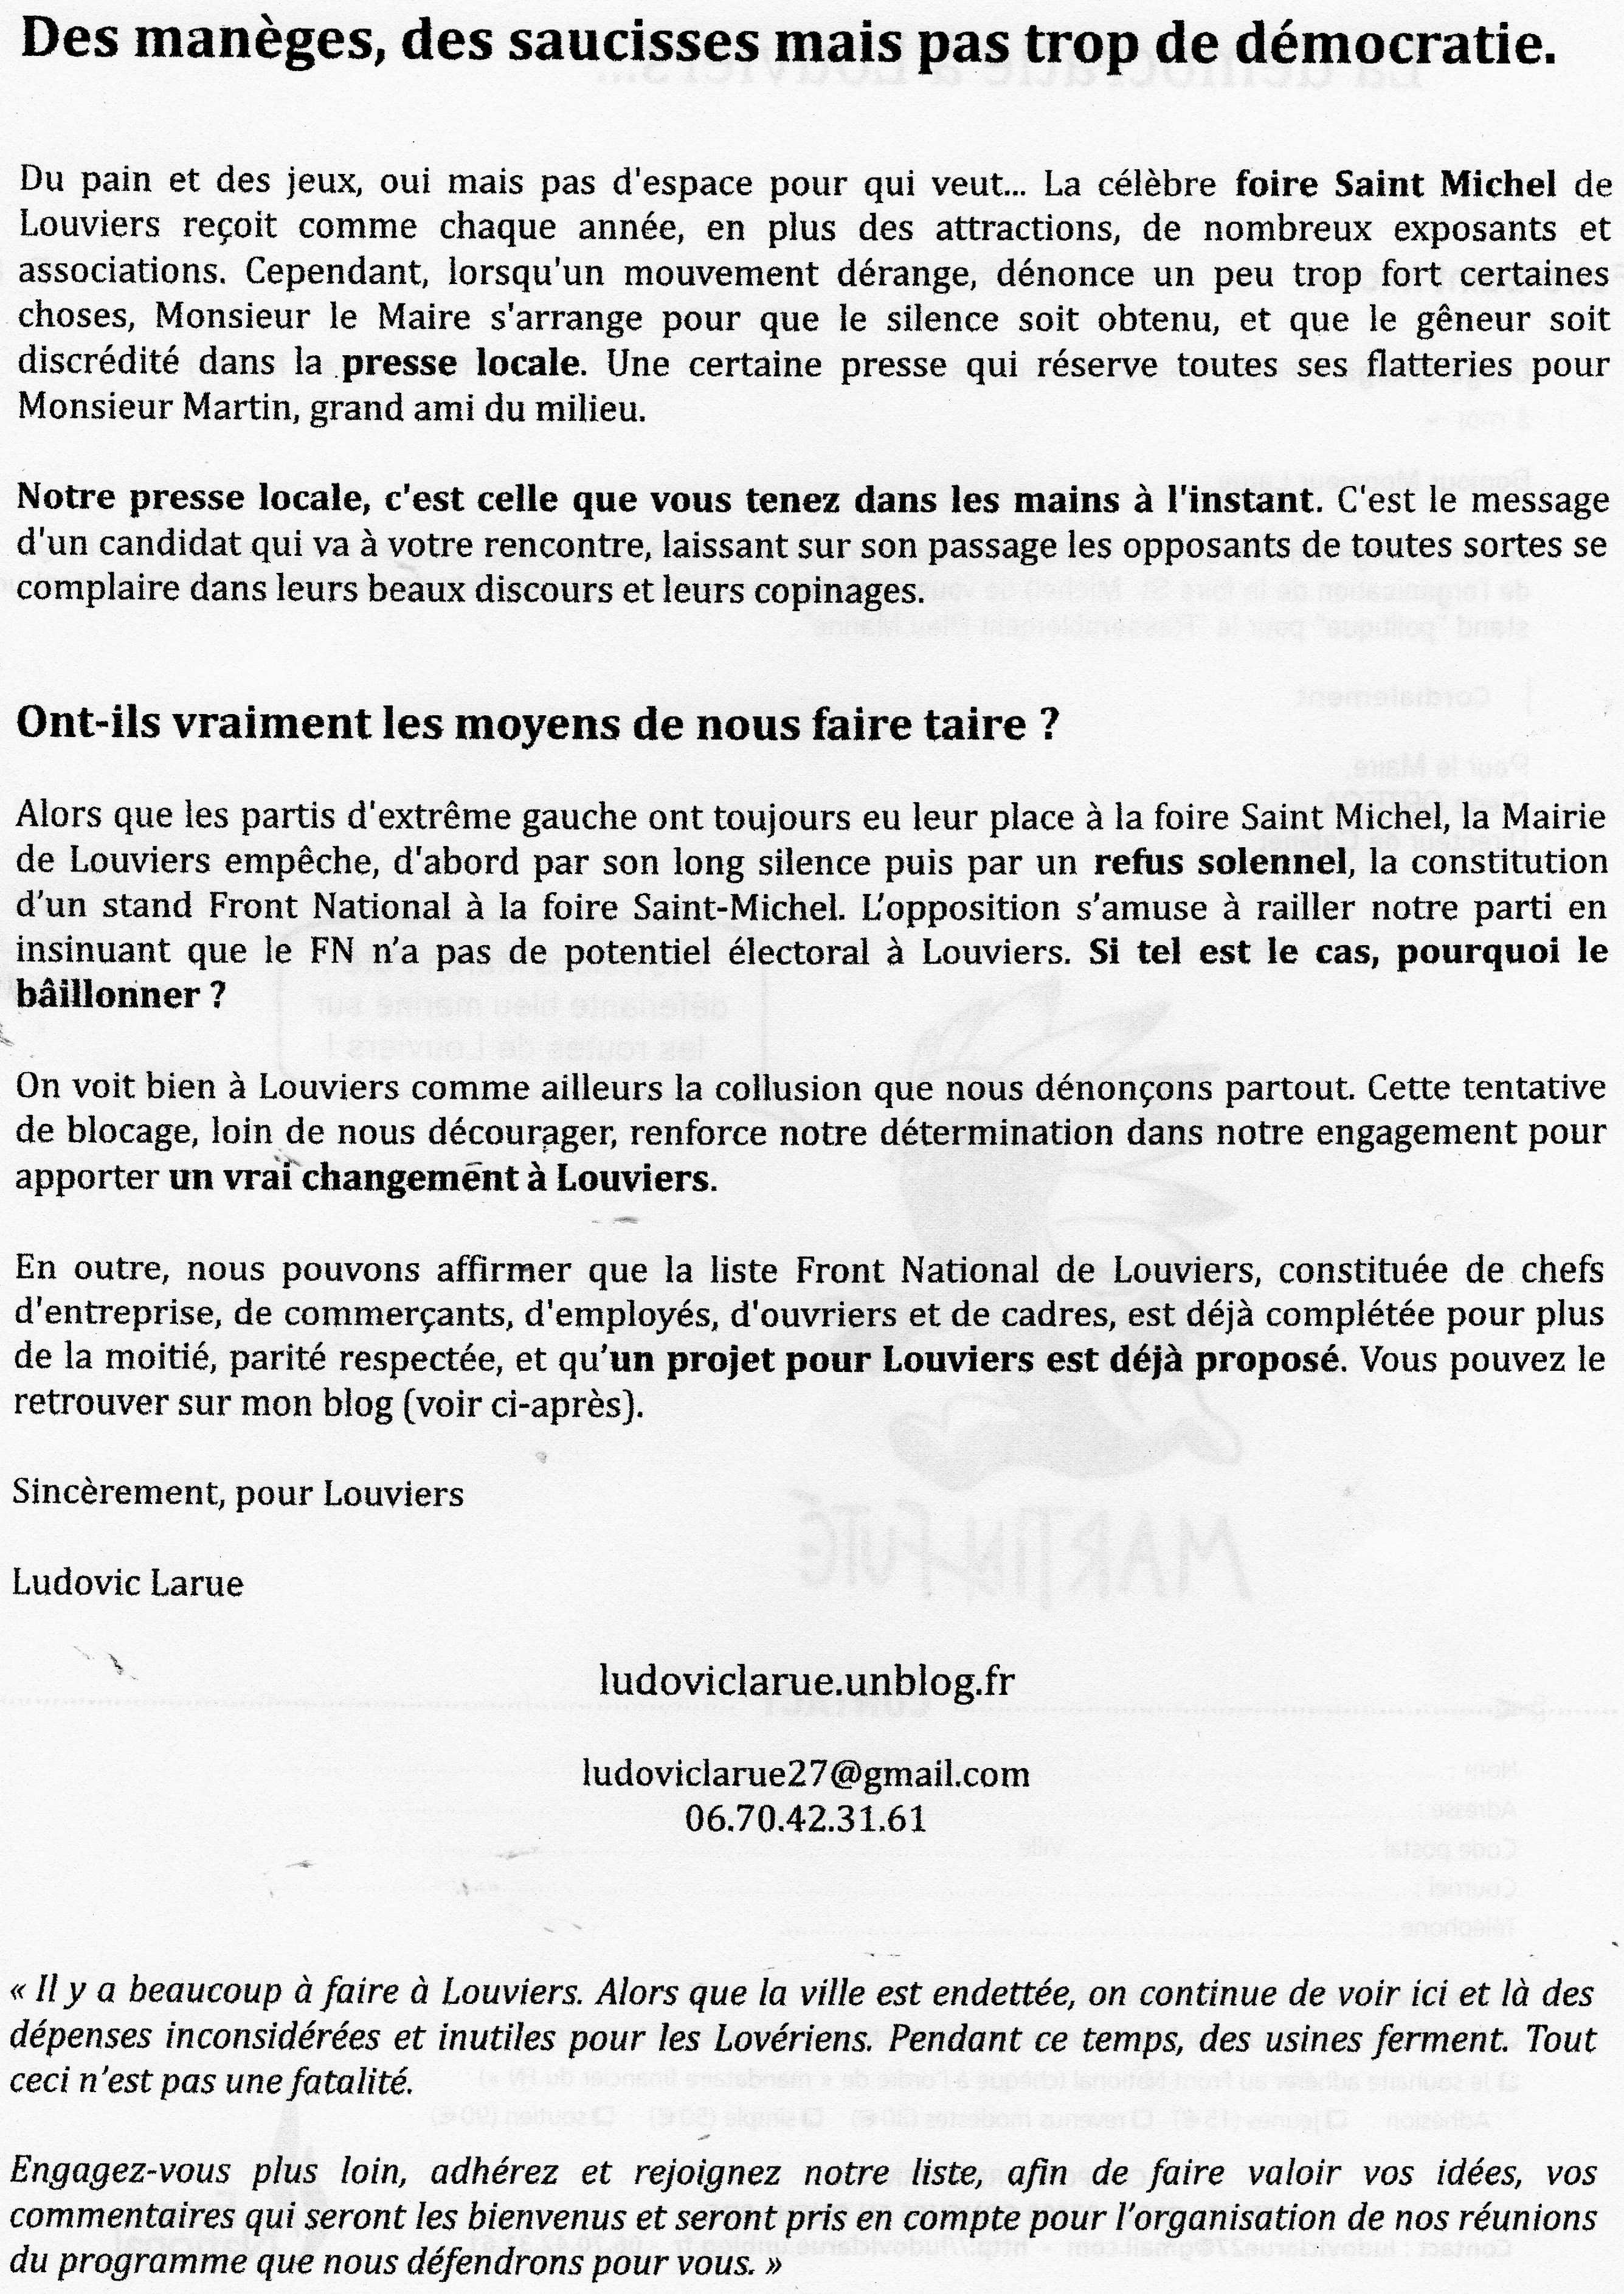 Louviers : Des manèges, des saucisses mais pas trop de démocratie.  dans Campagnes img032